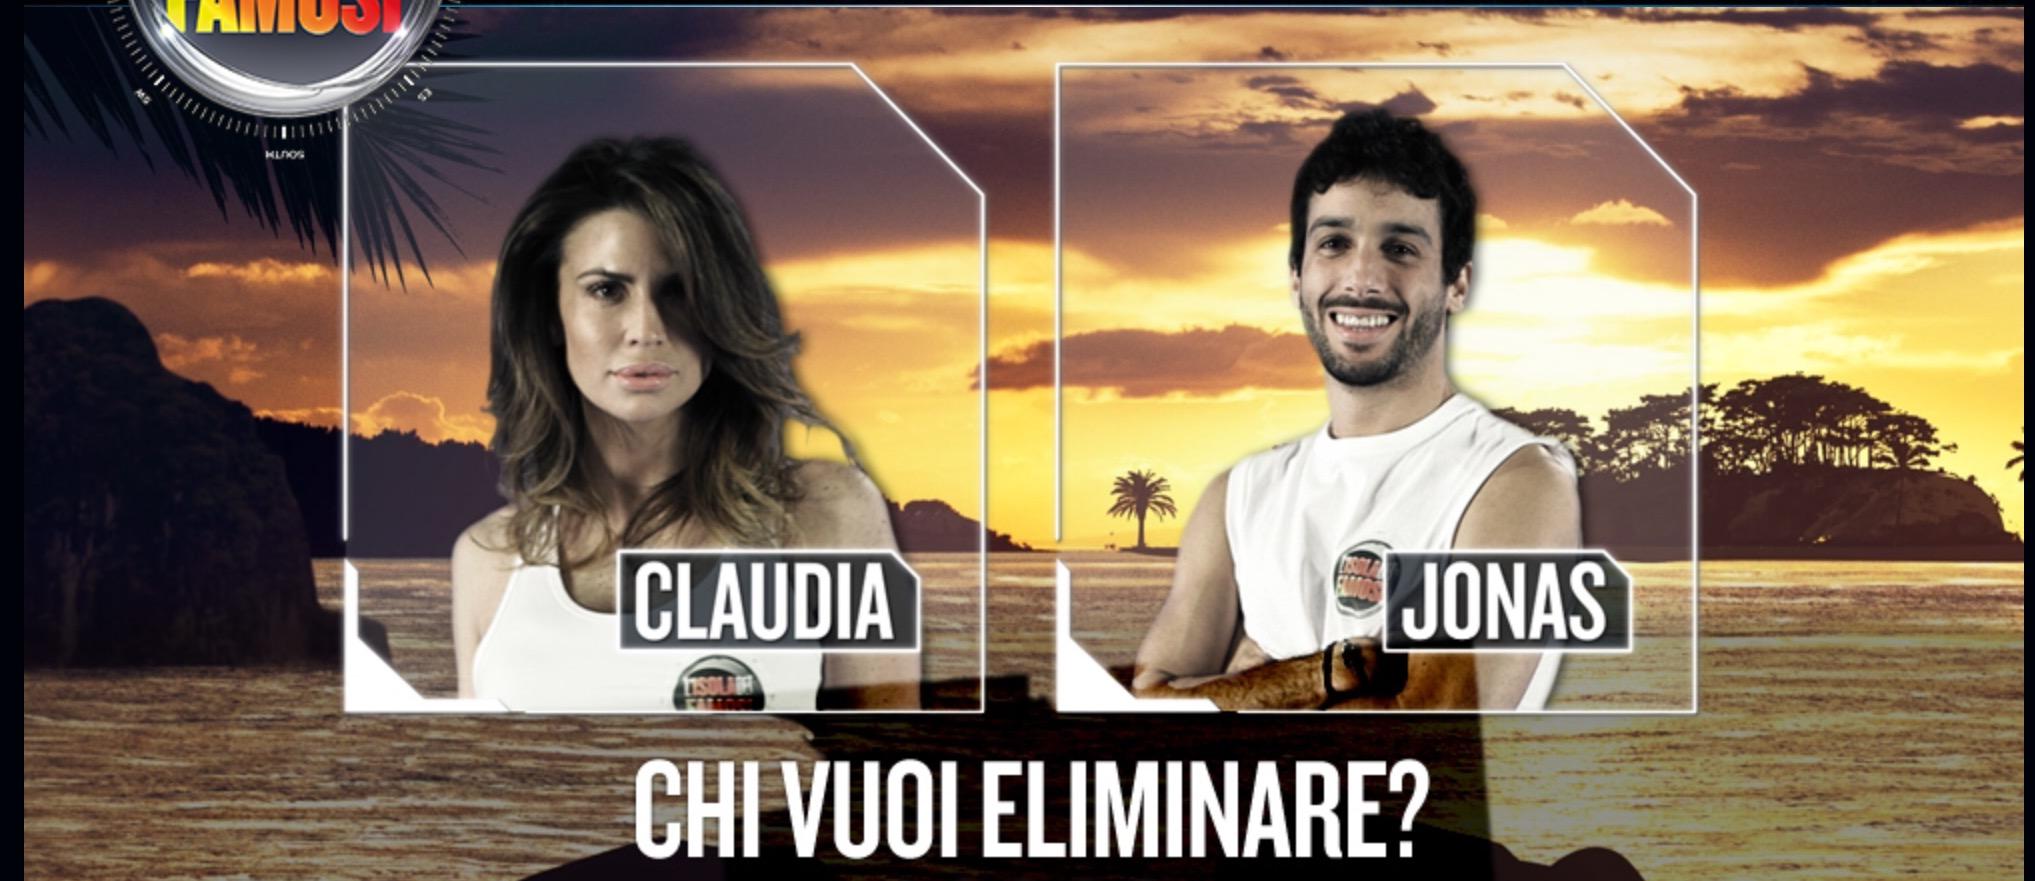 Isola dei famosi puntata 9 marzo 2016 alessia marcuzzi Alfonso signorini mara vernier